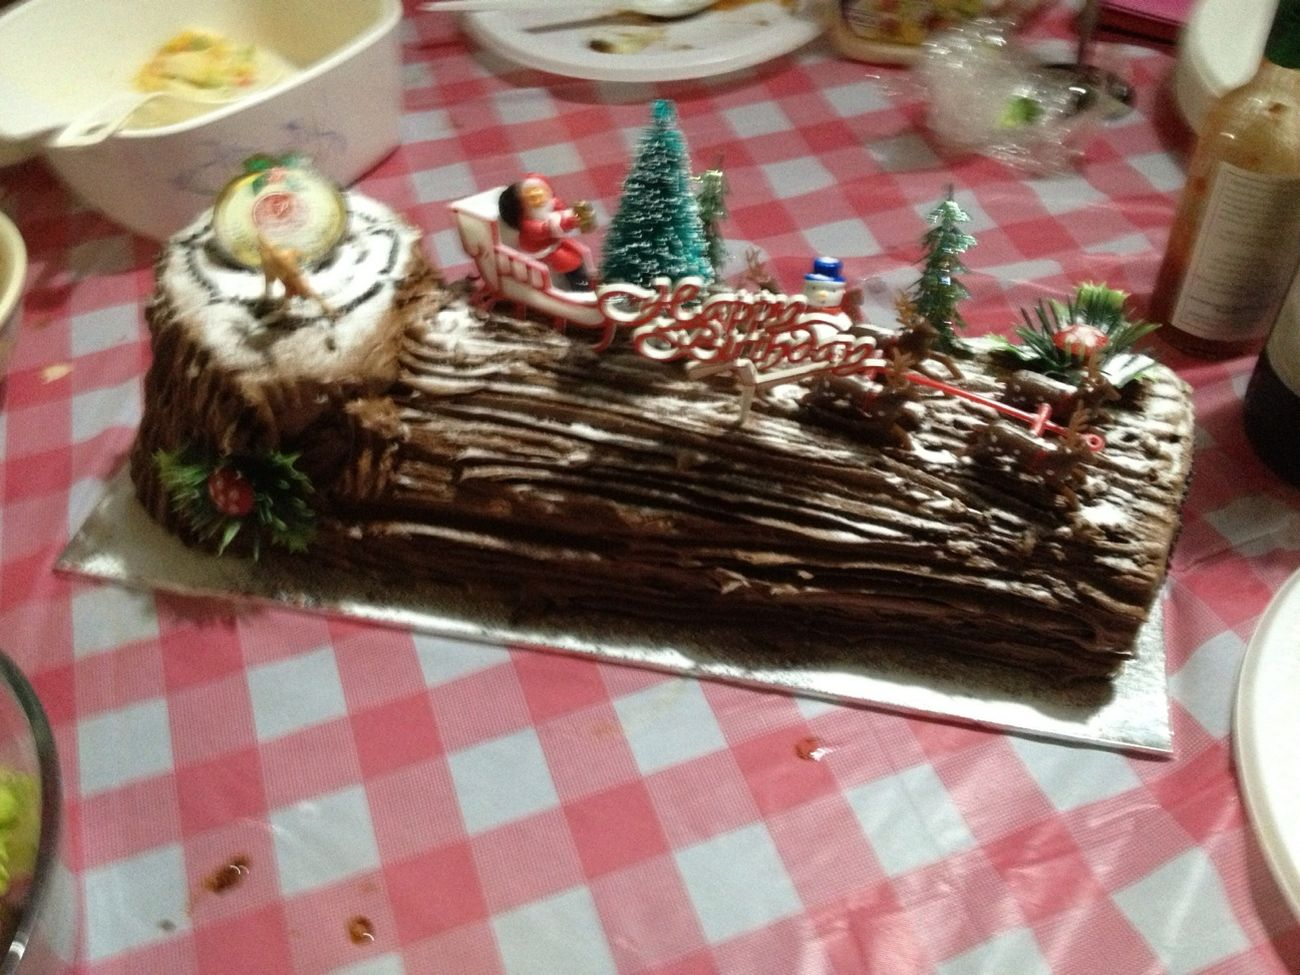 Birthday And Chrismas Cake